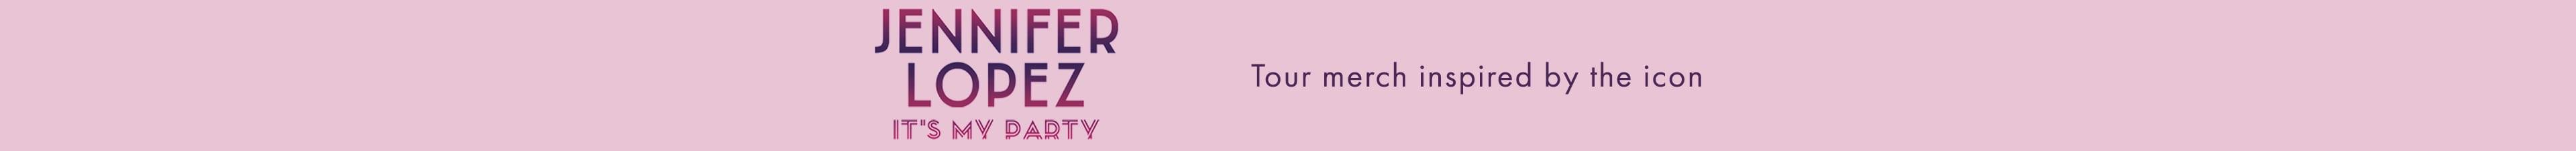 Jennifer Lopez Tour Merch